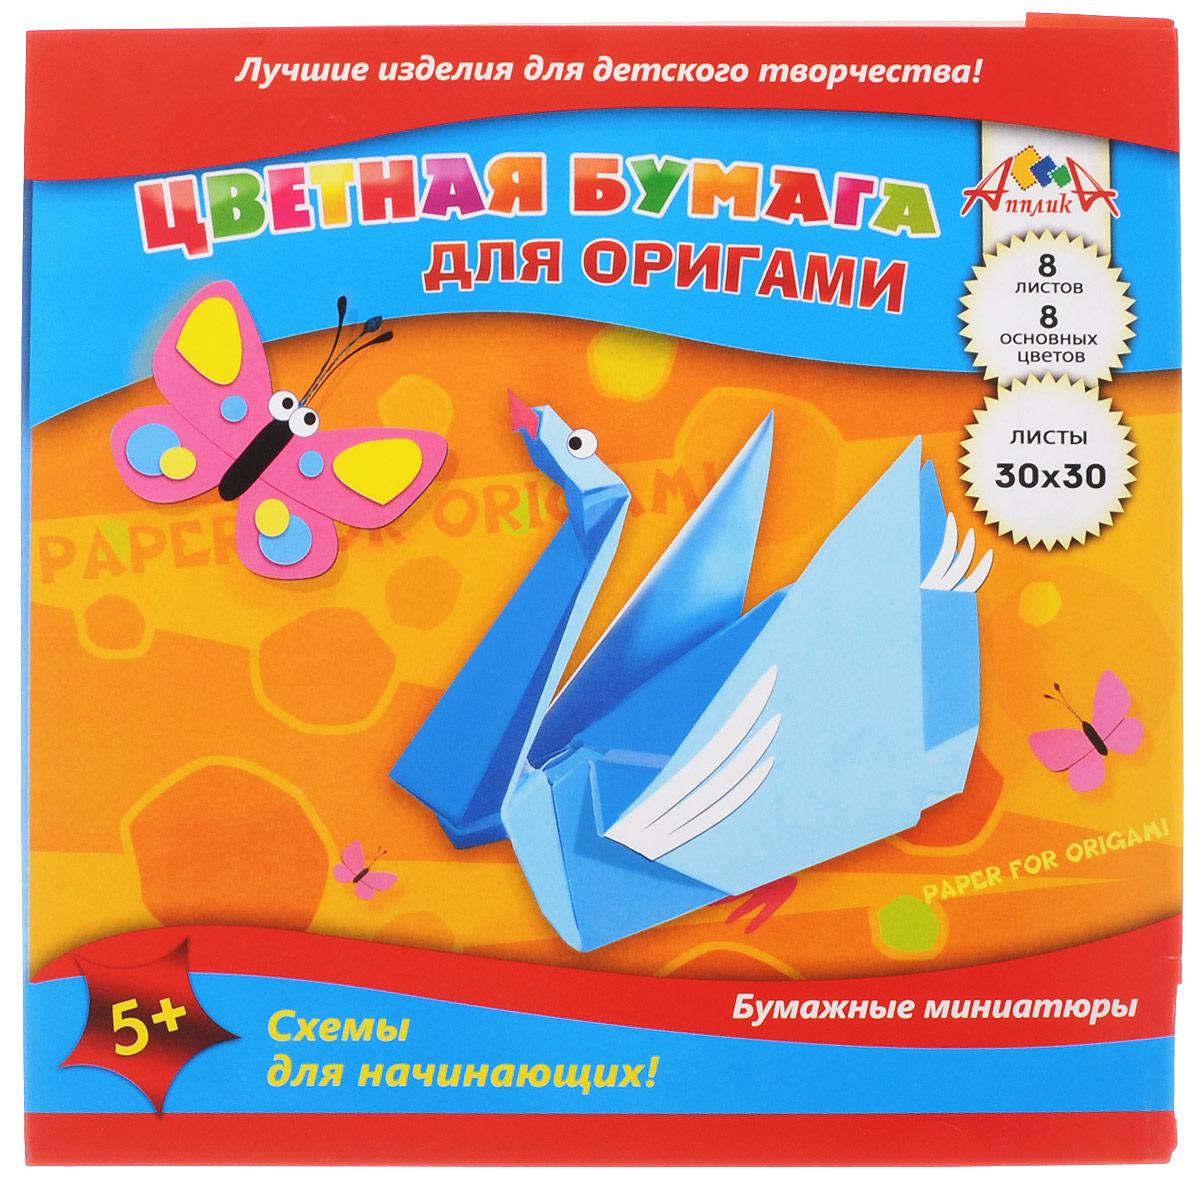 Апплика Цветная бумага для оригами Лебедь 8 листовС0326-02Набор цветной бумаги Апплика Лебедь позволит вашему ребенку создавать своими руками оригинальное оригами. Набор состоит из 8 листов двусторонней бумаги разных цветов. Внутри папки приводятся схематичные инструкции по изготовлению оригами, сзади дана расшифровка условных обозначений. Создание поделок из цветной бумаги позволяет ребенку развивать творческие способности, кроме того, это увлекательный досуг. Рекомендуемый возраст: 5+